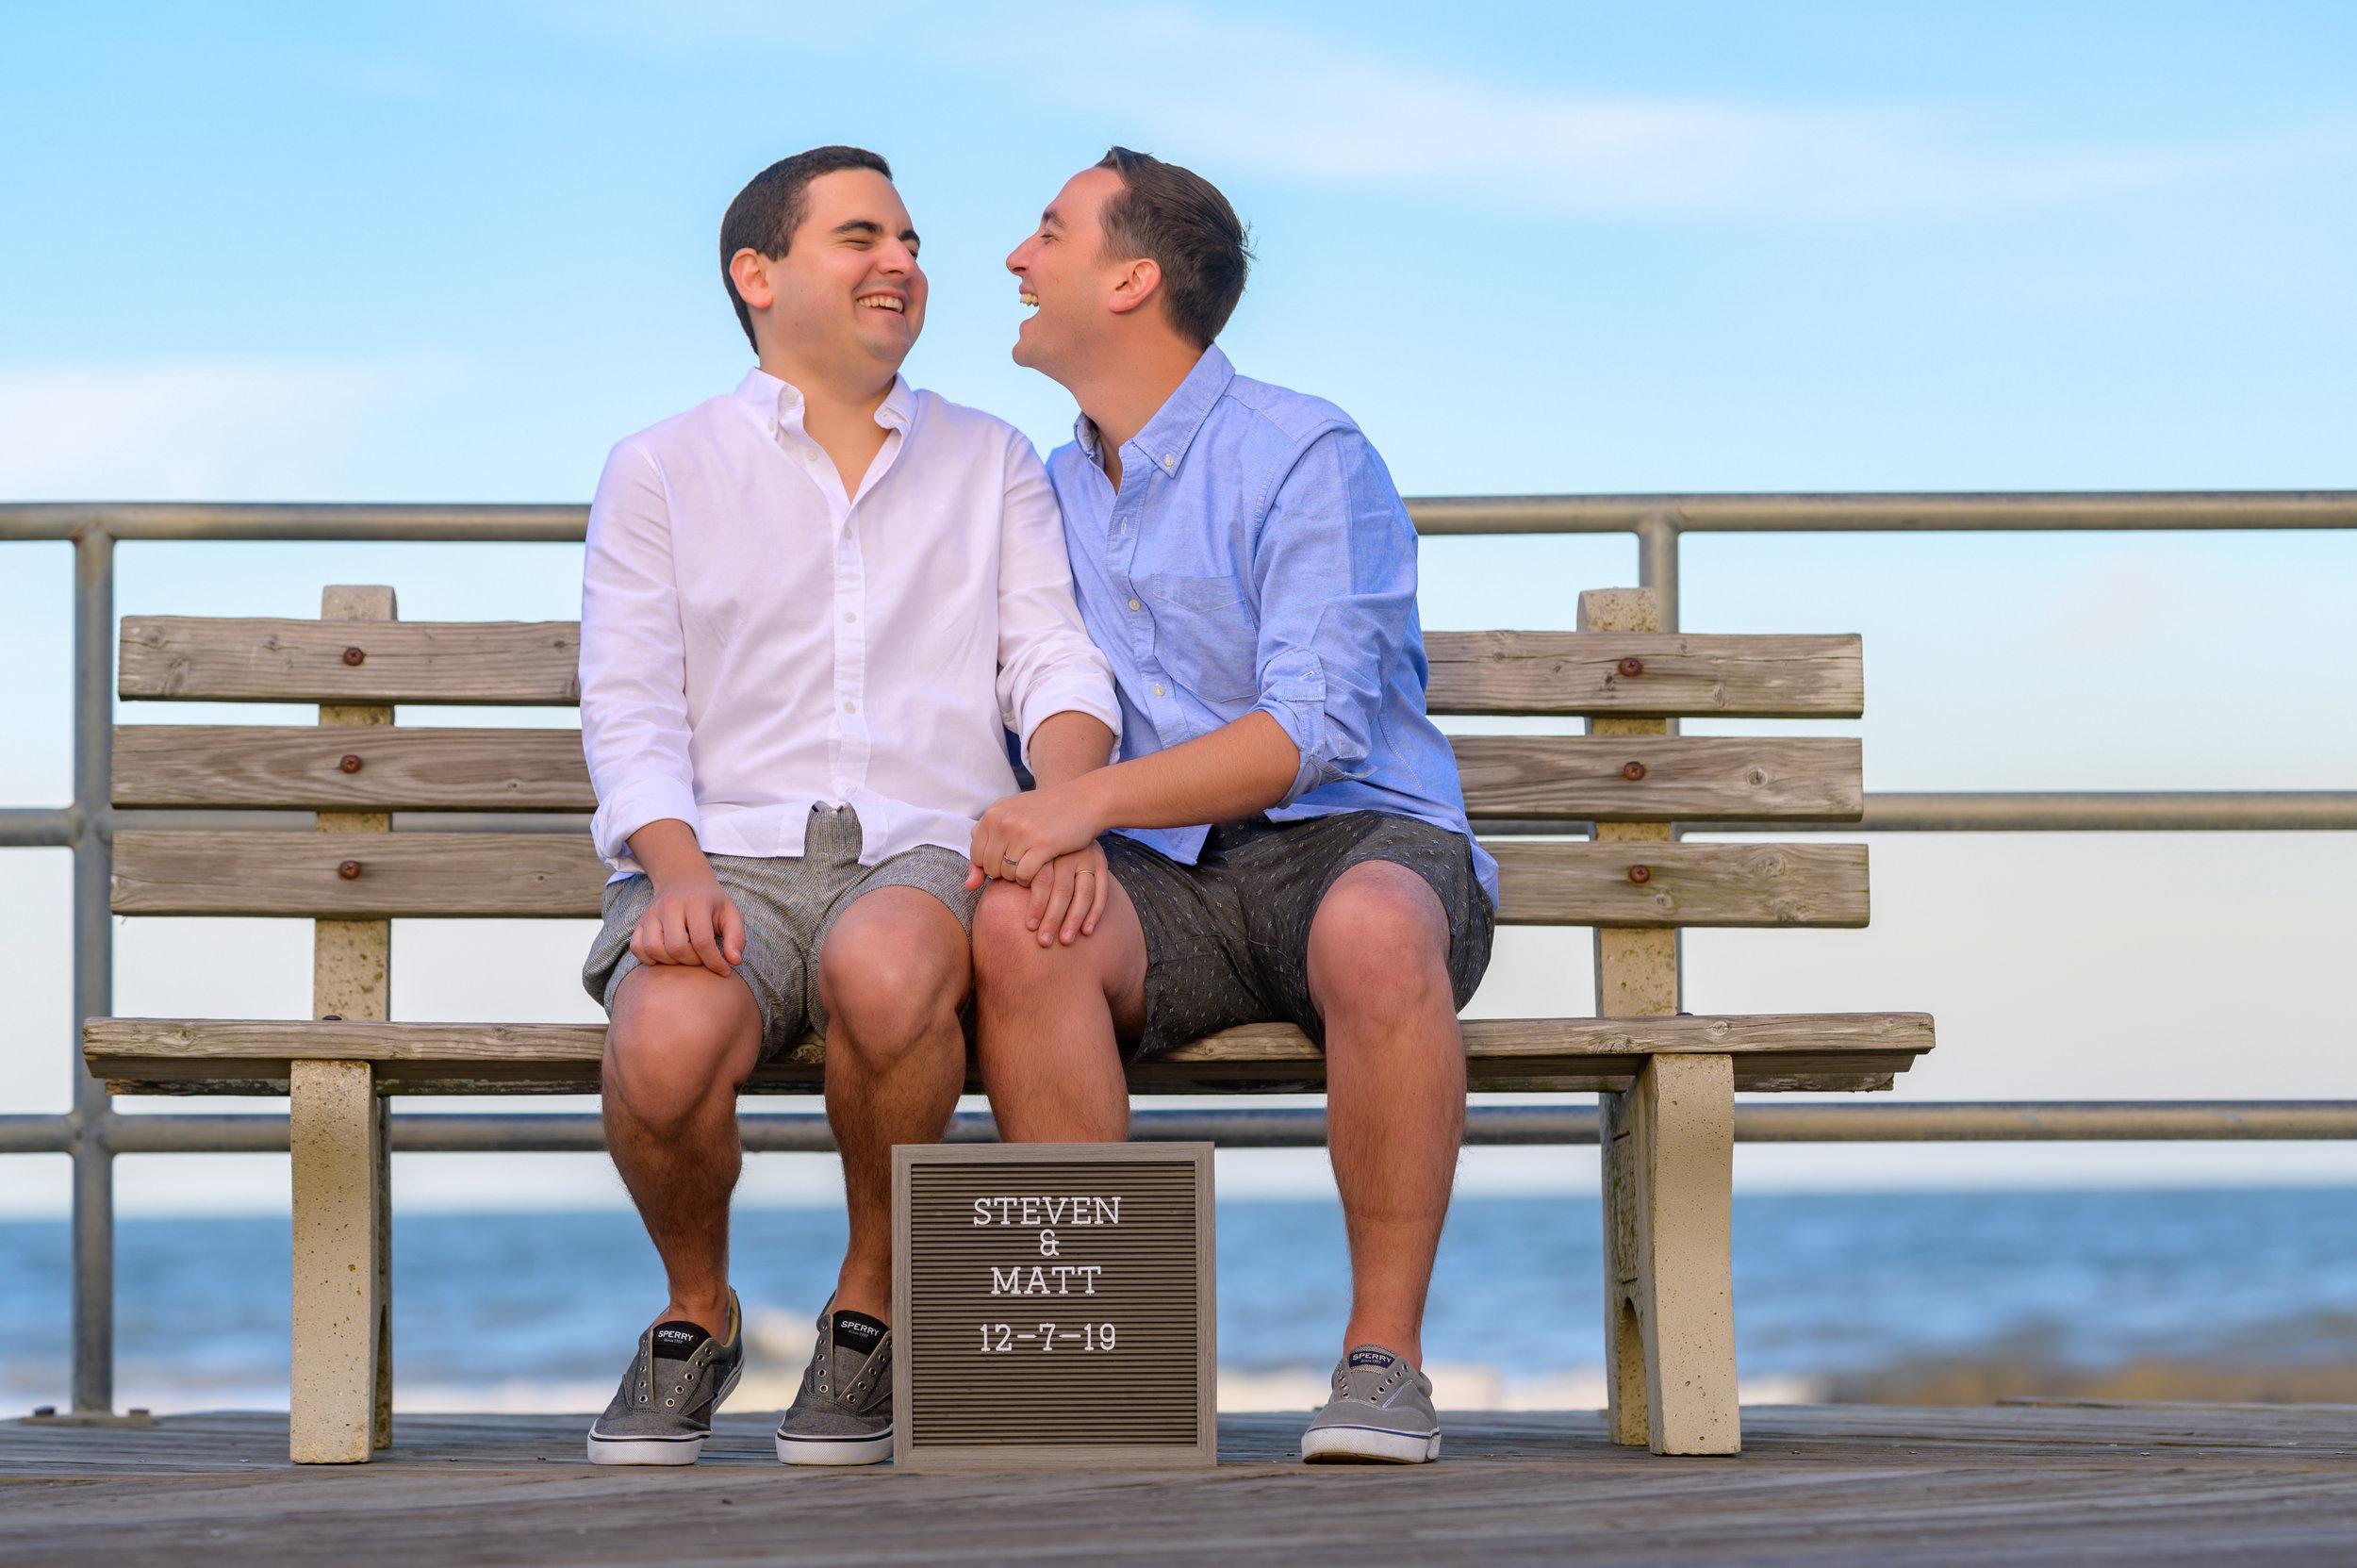 Steven & Matthew Engagement Session (4).jpg